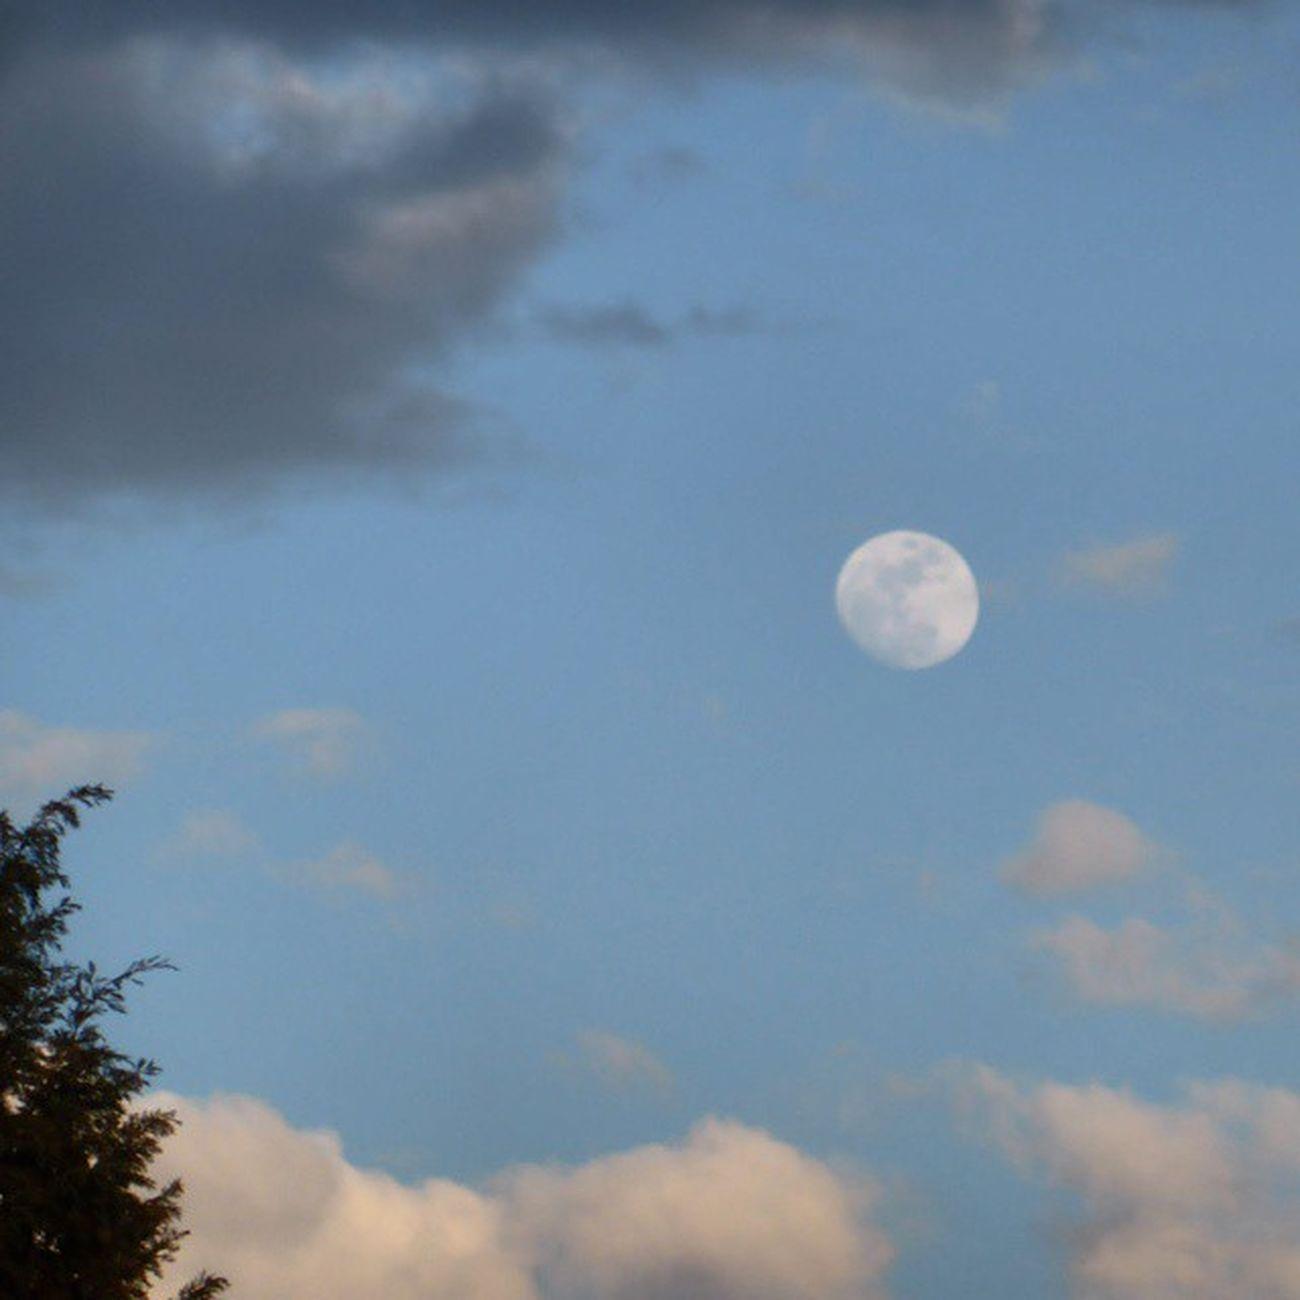 Hoy Lunalunera Nubesdehoy Zaragoza Skylovers atrapanubes photoofclouds igerszgz igersaragon instazaragoza Zaragozadestino Moon